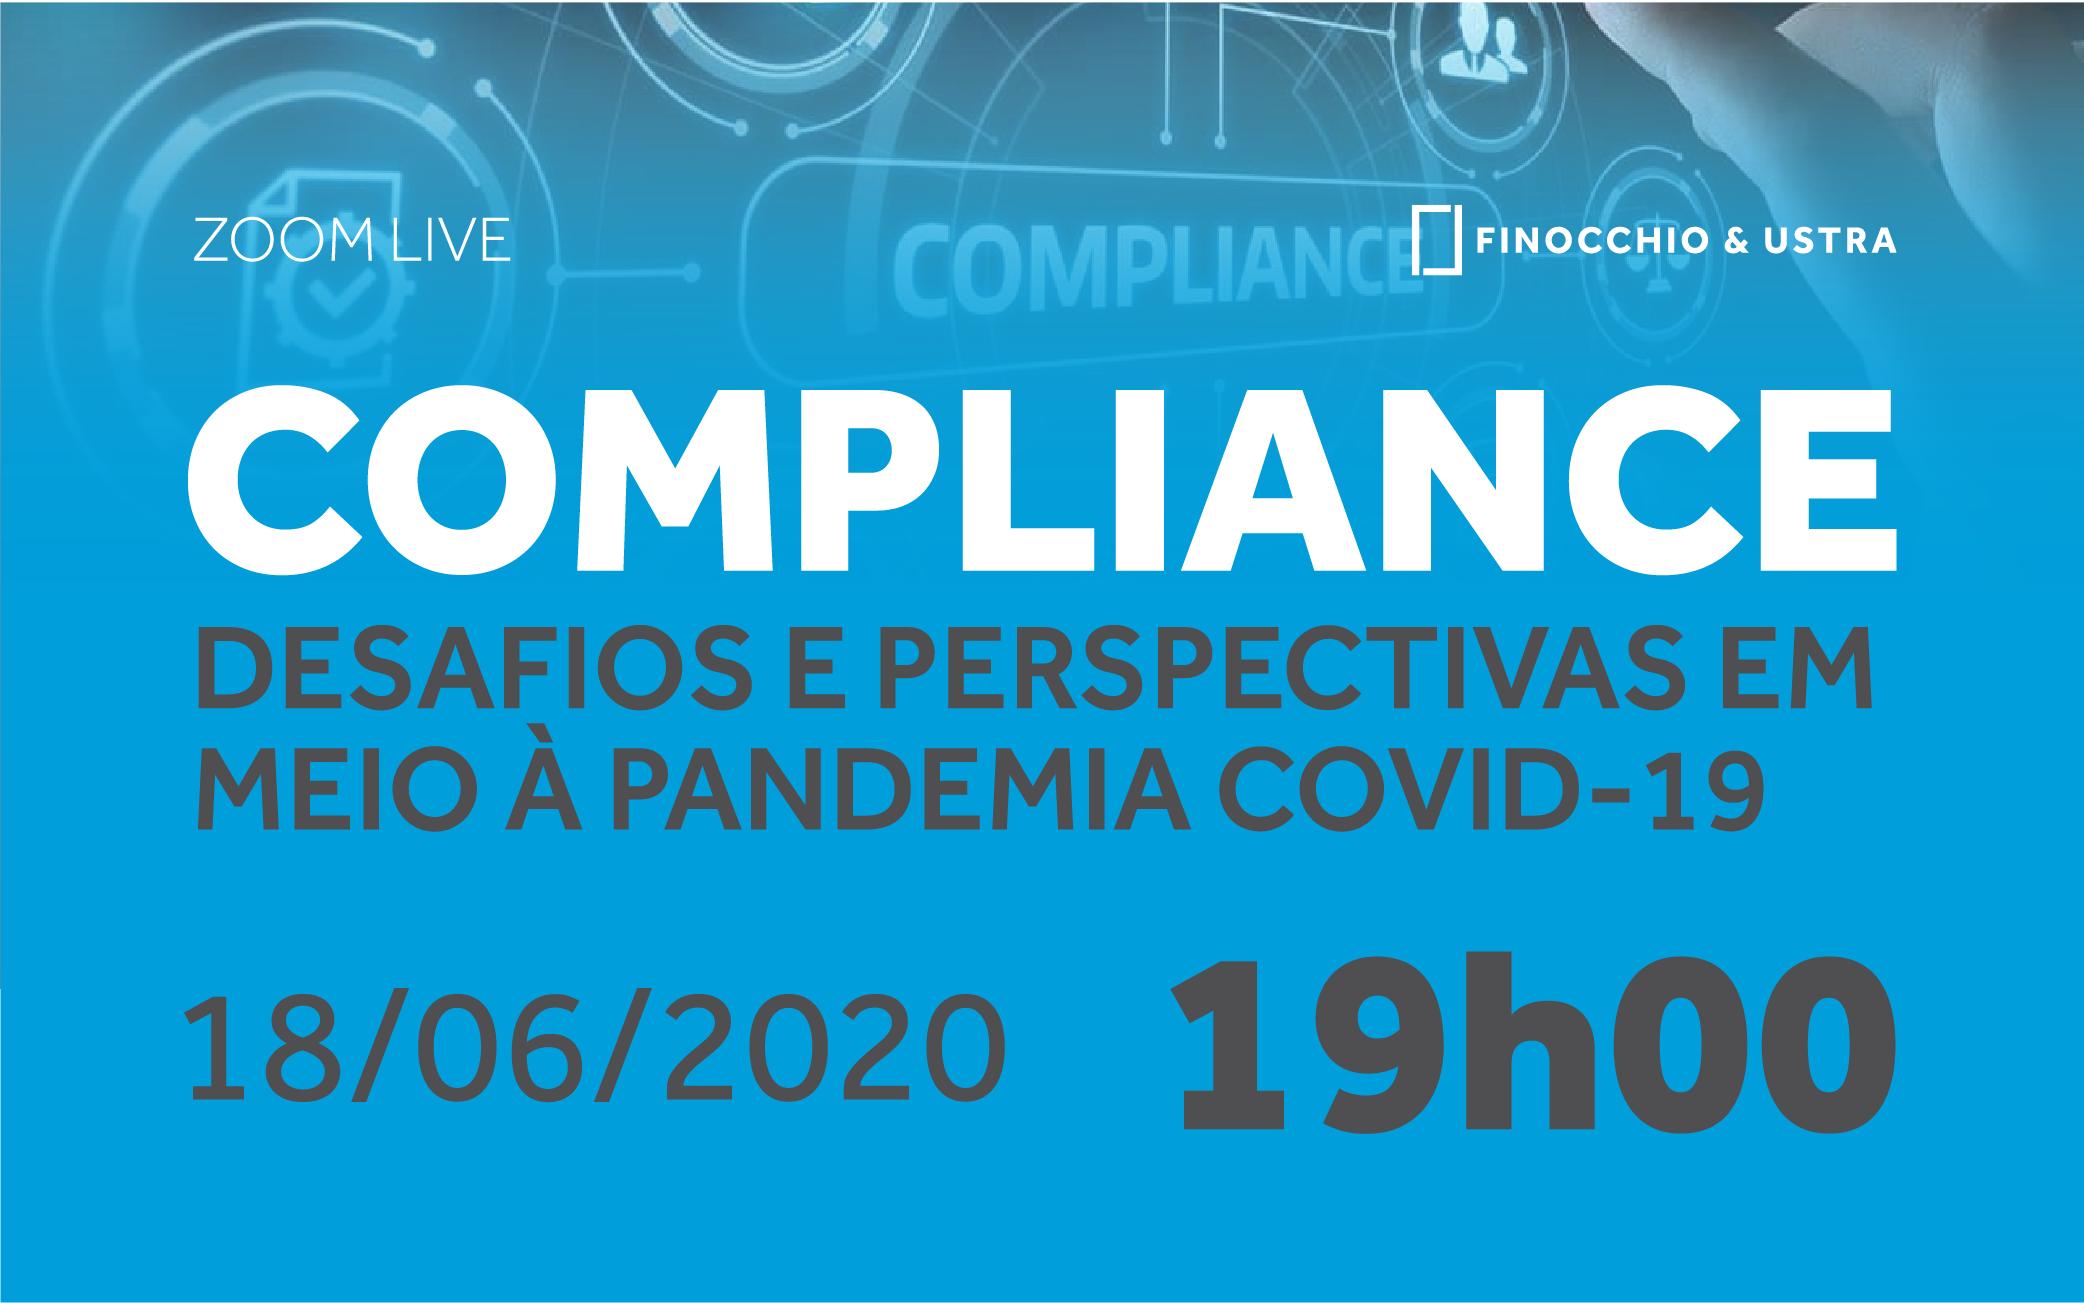 COMPLIANCE: DESAFIOS E PERSPECTIVAS EM MEIA À PANDEMIA COVID-19